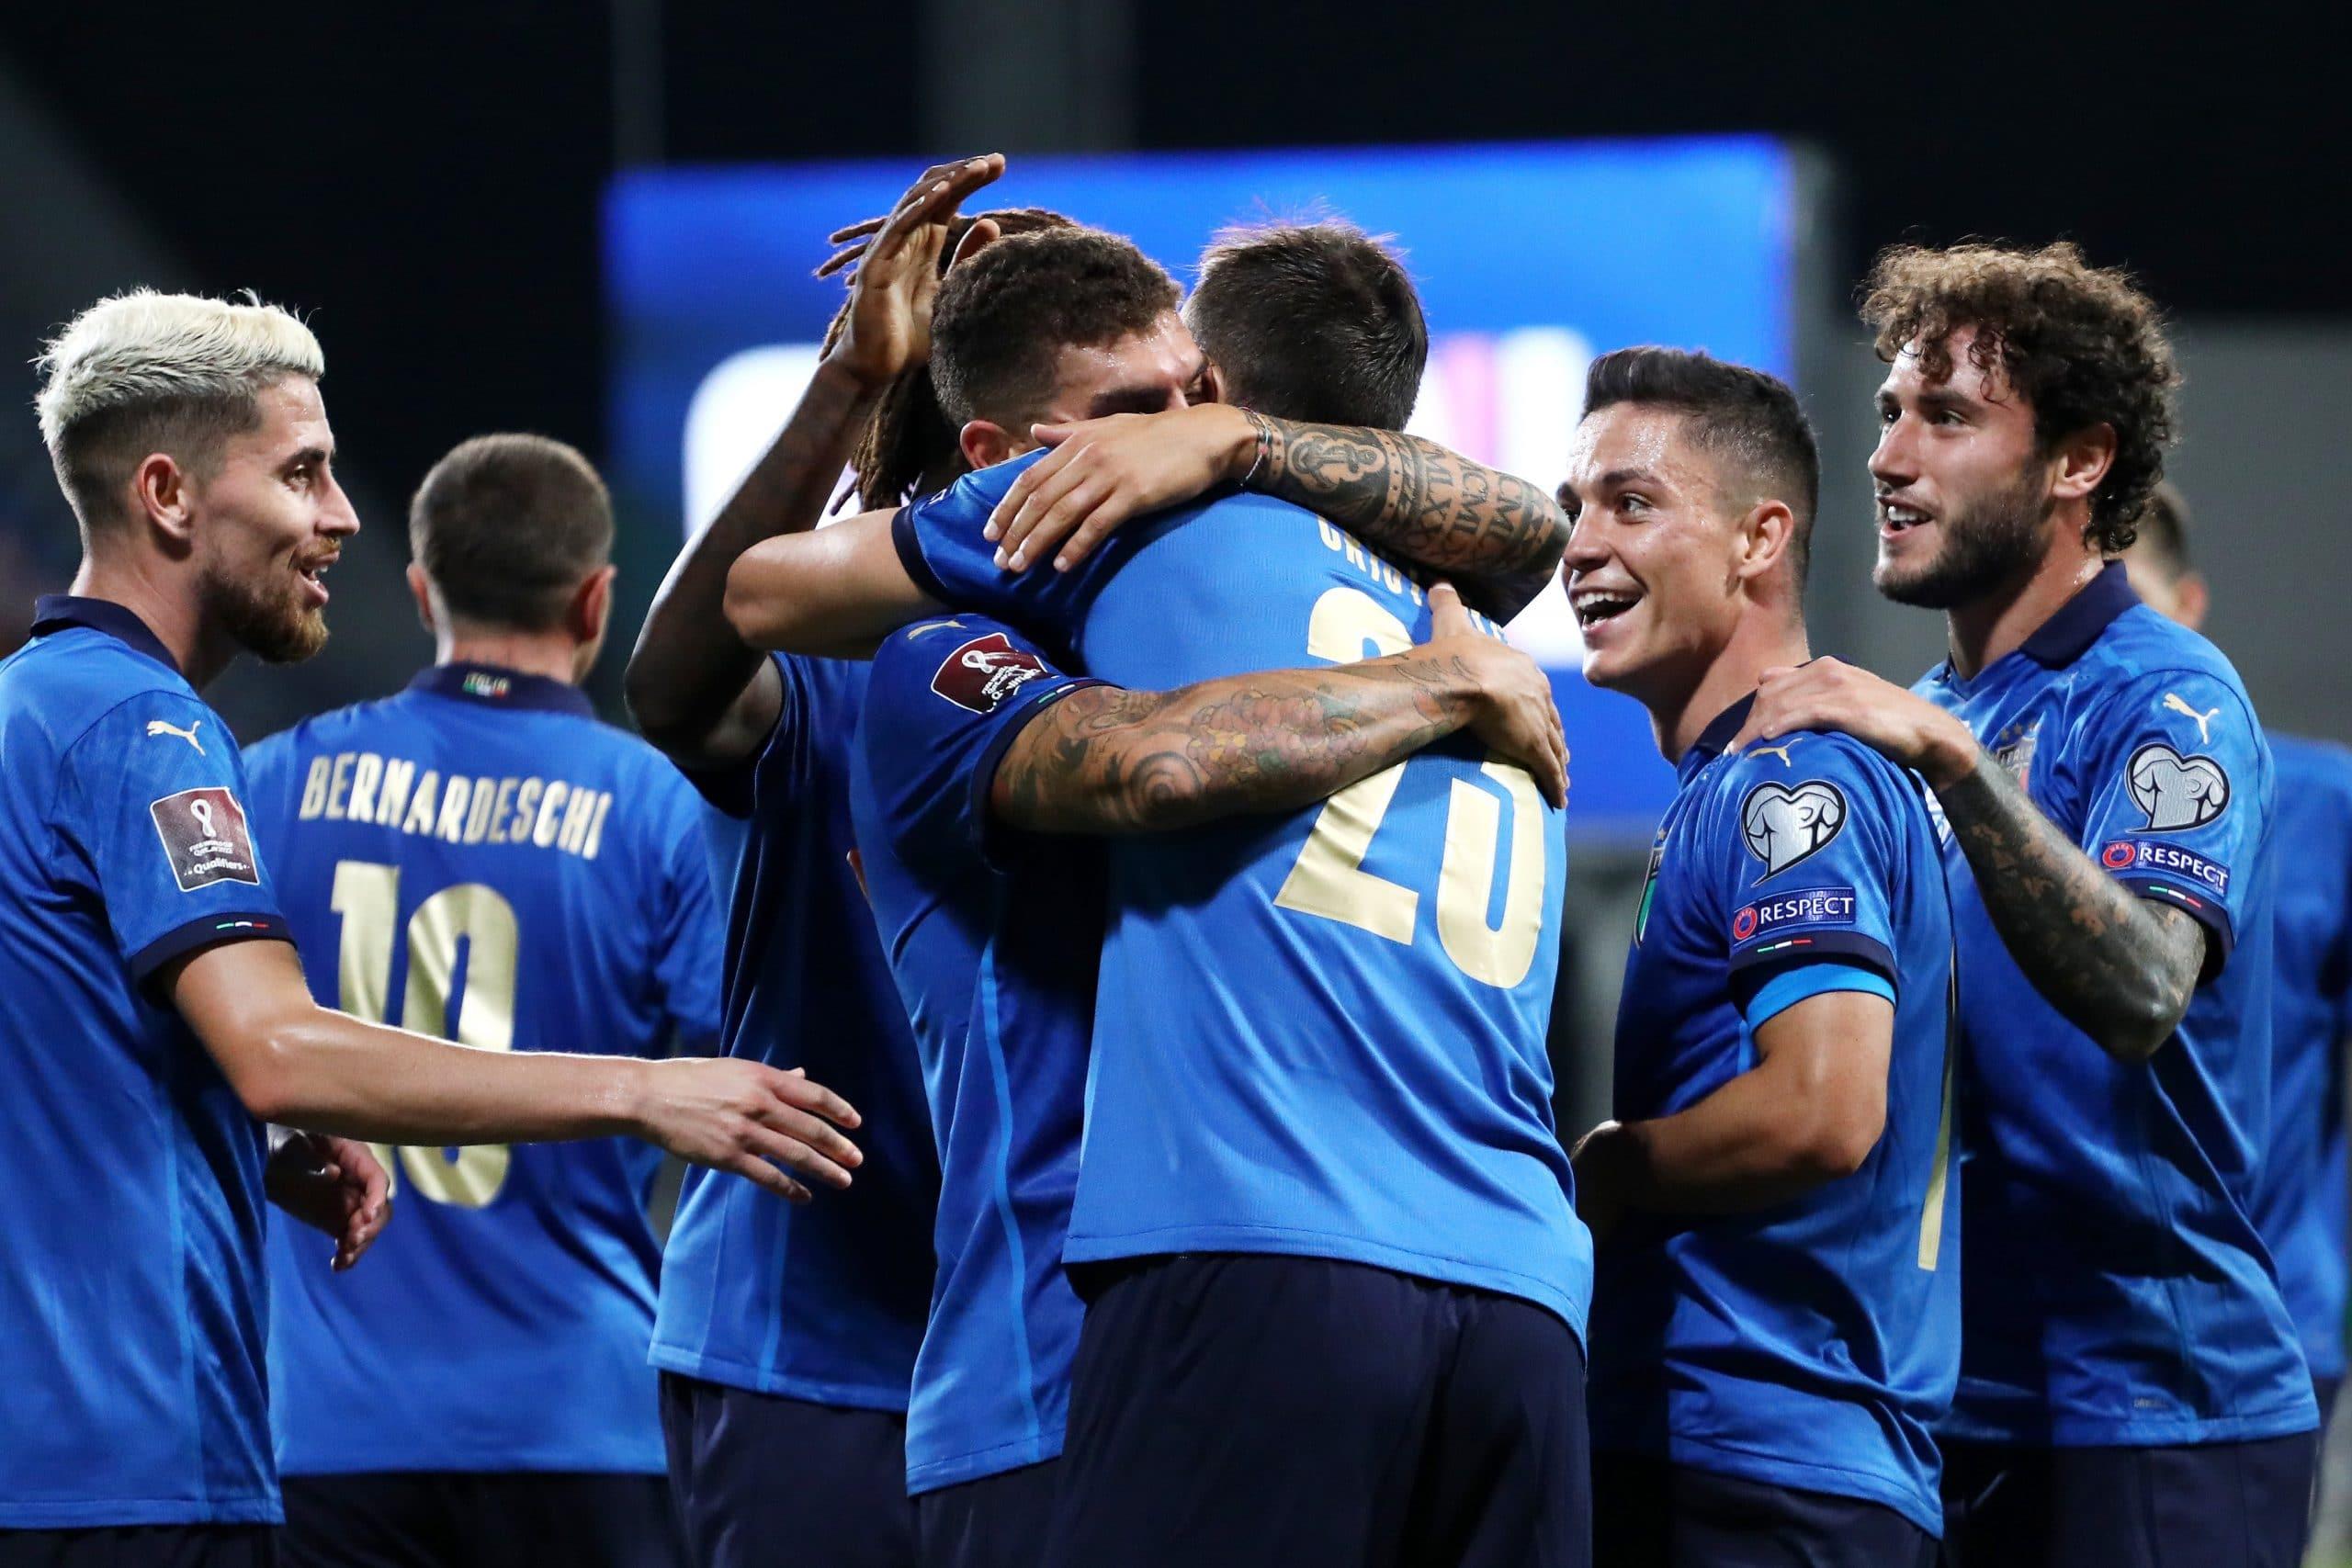 احتفال منتخب إيطاليابعد تسجيل أحد أهدافه في شباك منافسه الضيف ليتوانيا